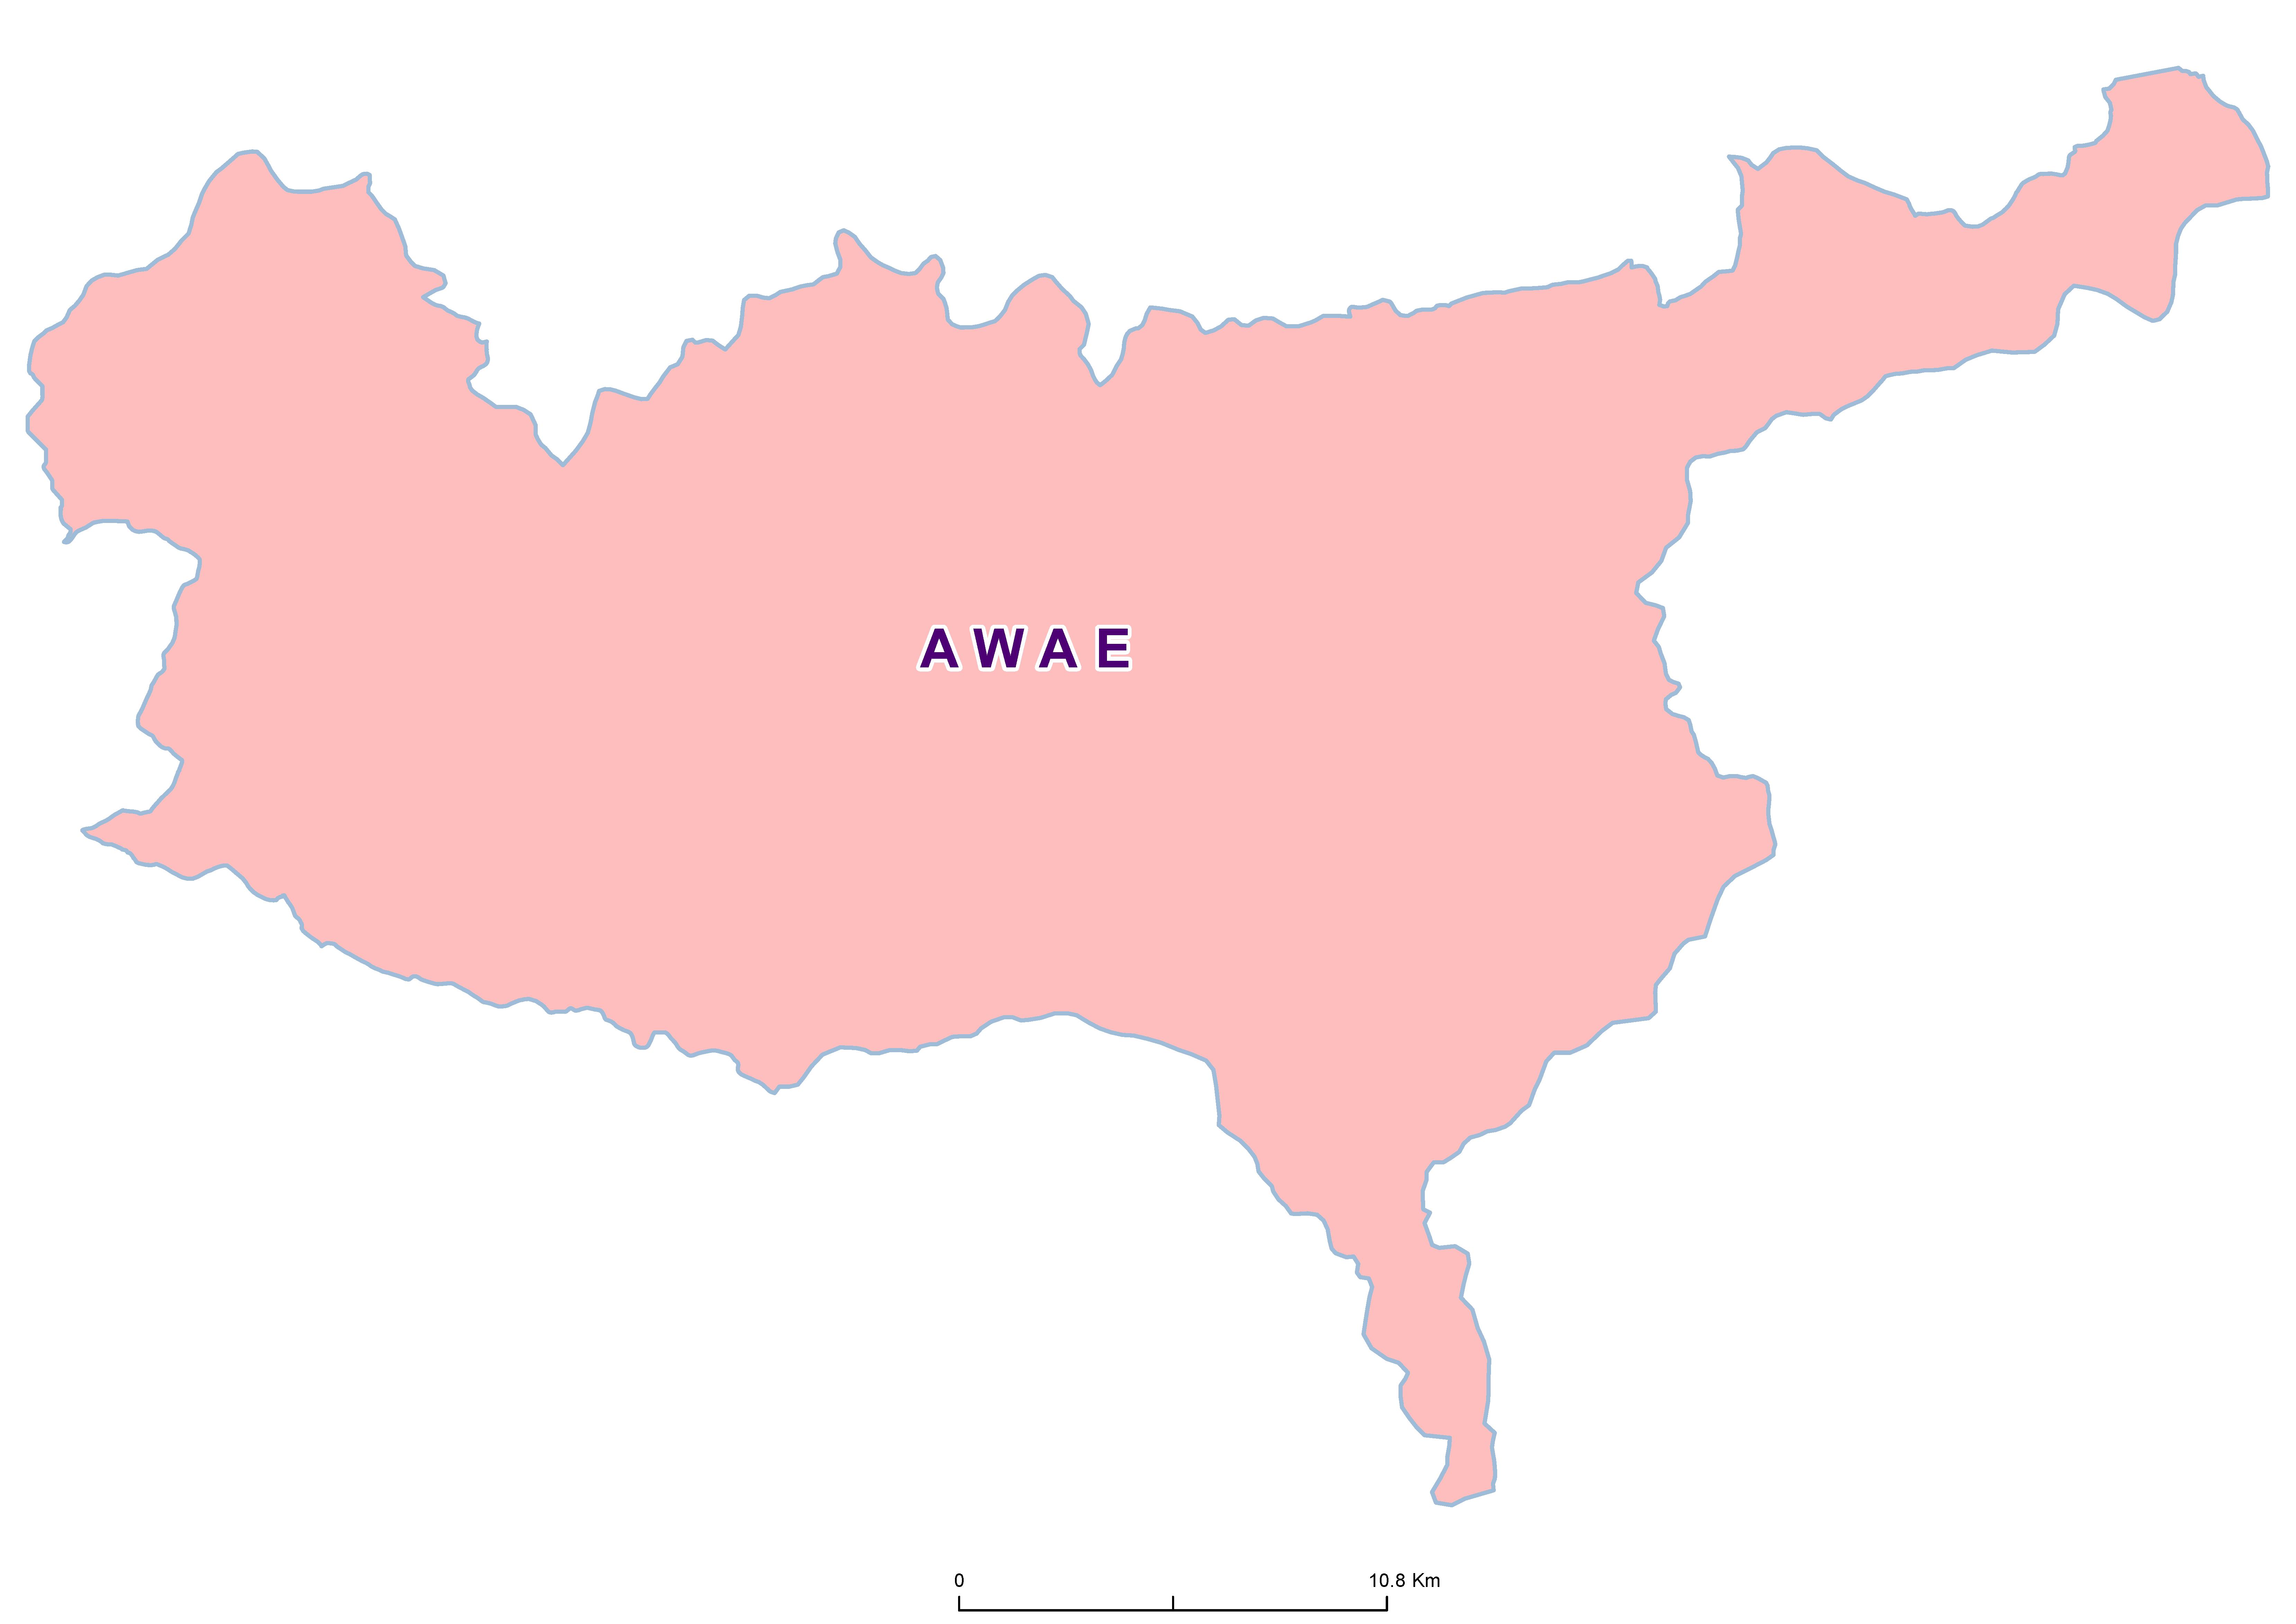 Awae Mean SCH 19850001